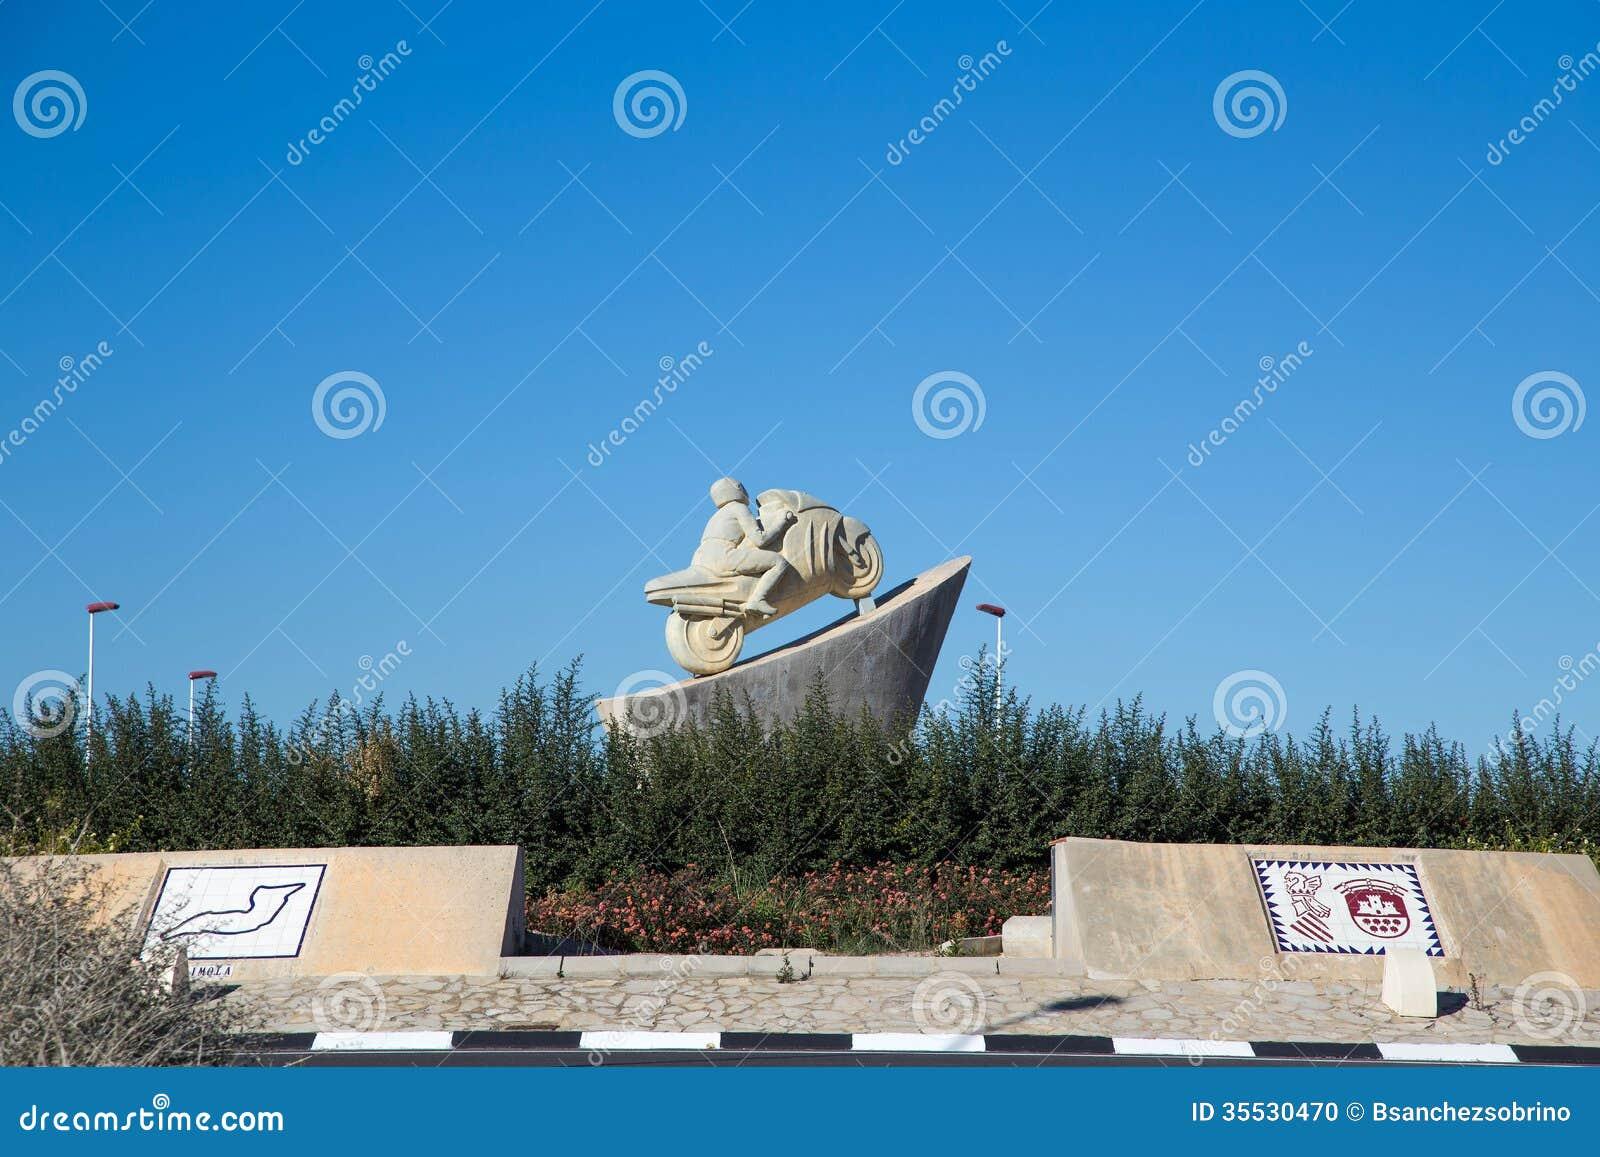 Circuito Ricardo Tormo : Statue tribute to ricardo tormo spanish motorcycle pilot